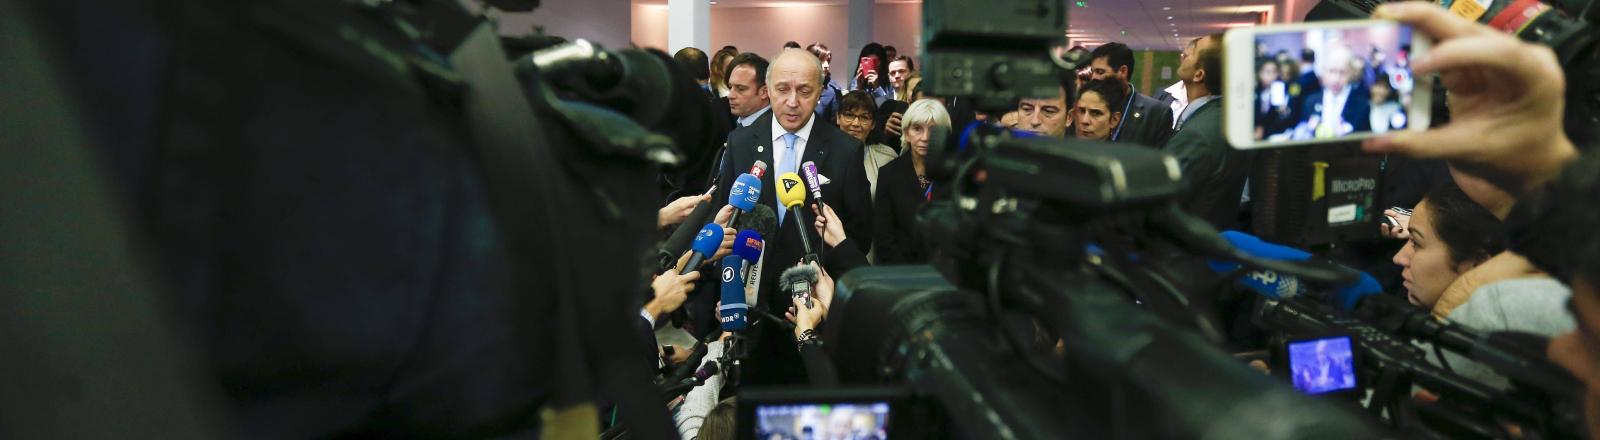 Medien und Klimawandel: Der französische Außenminister und Präsident der Klimakonferenz COP21 Laurent Fabius gibt am Tagungsort Le Bourget in der Nähe von Paris am 11.12.2015 ein Statement